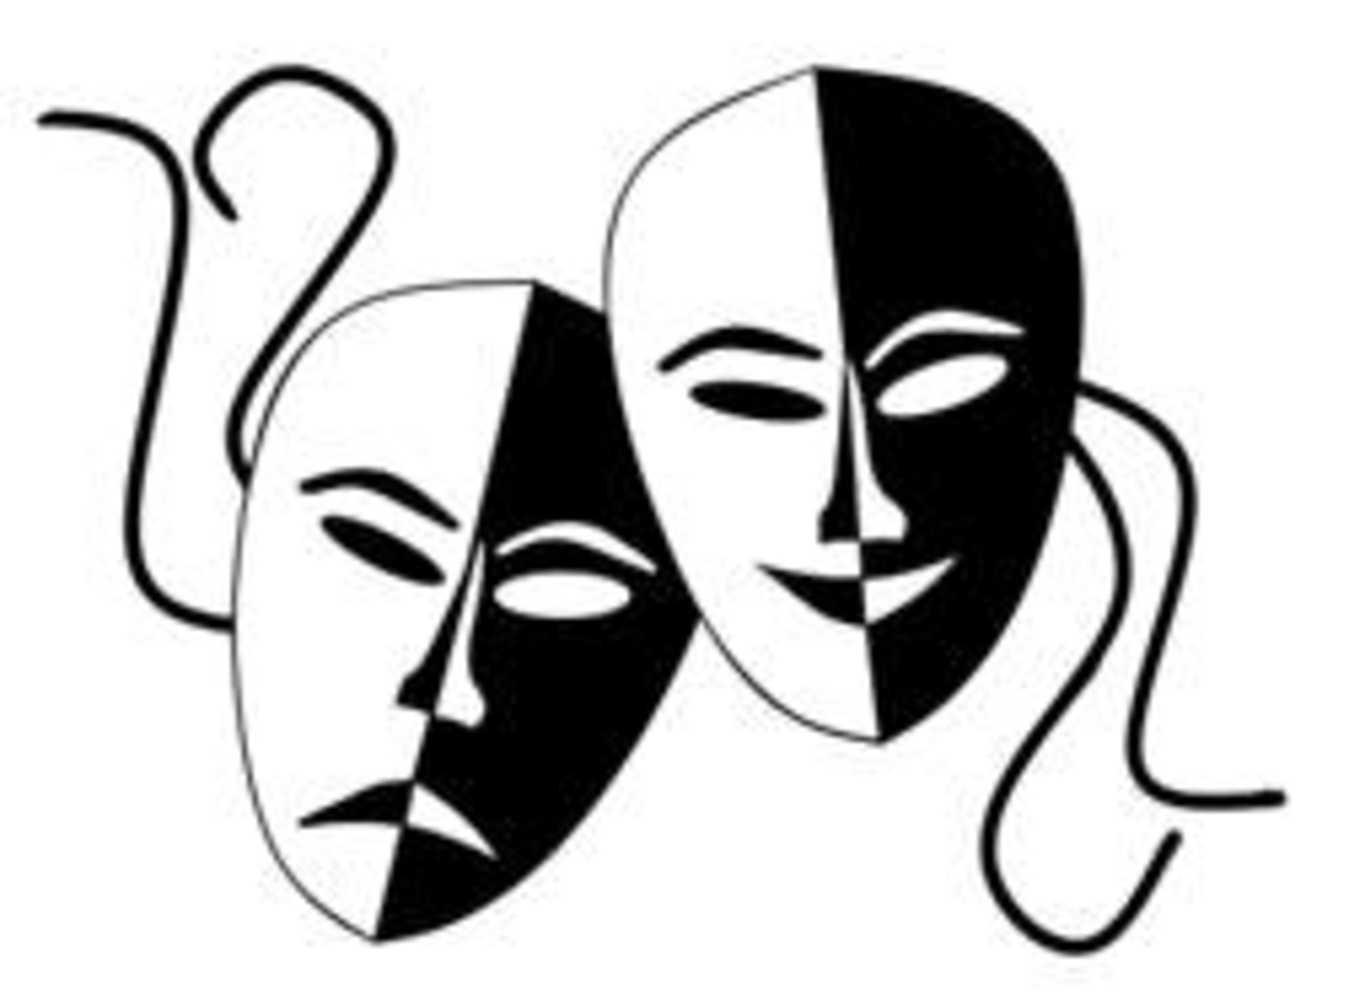 Les Amis de Kermaria - Représentation théâtrale - Dimanche 3 décembre 0